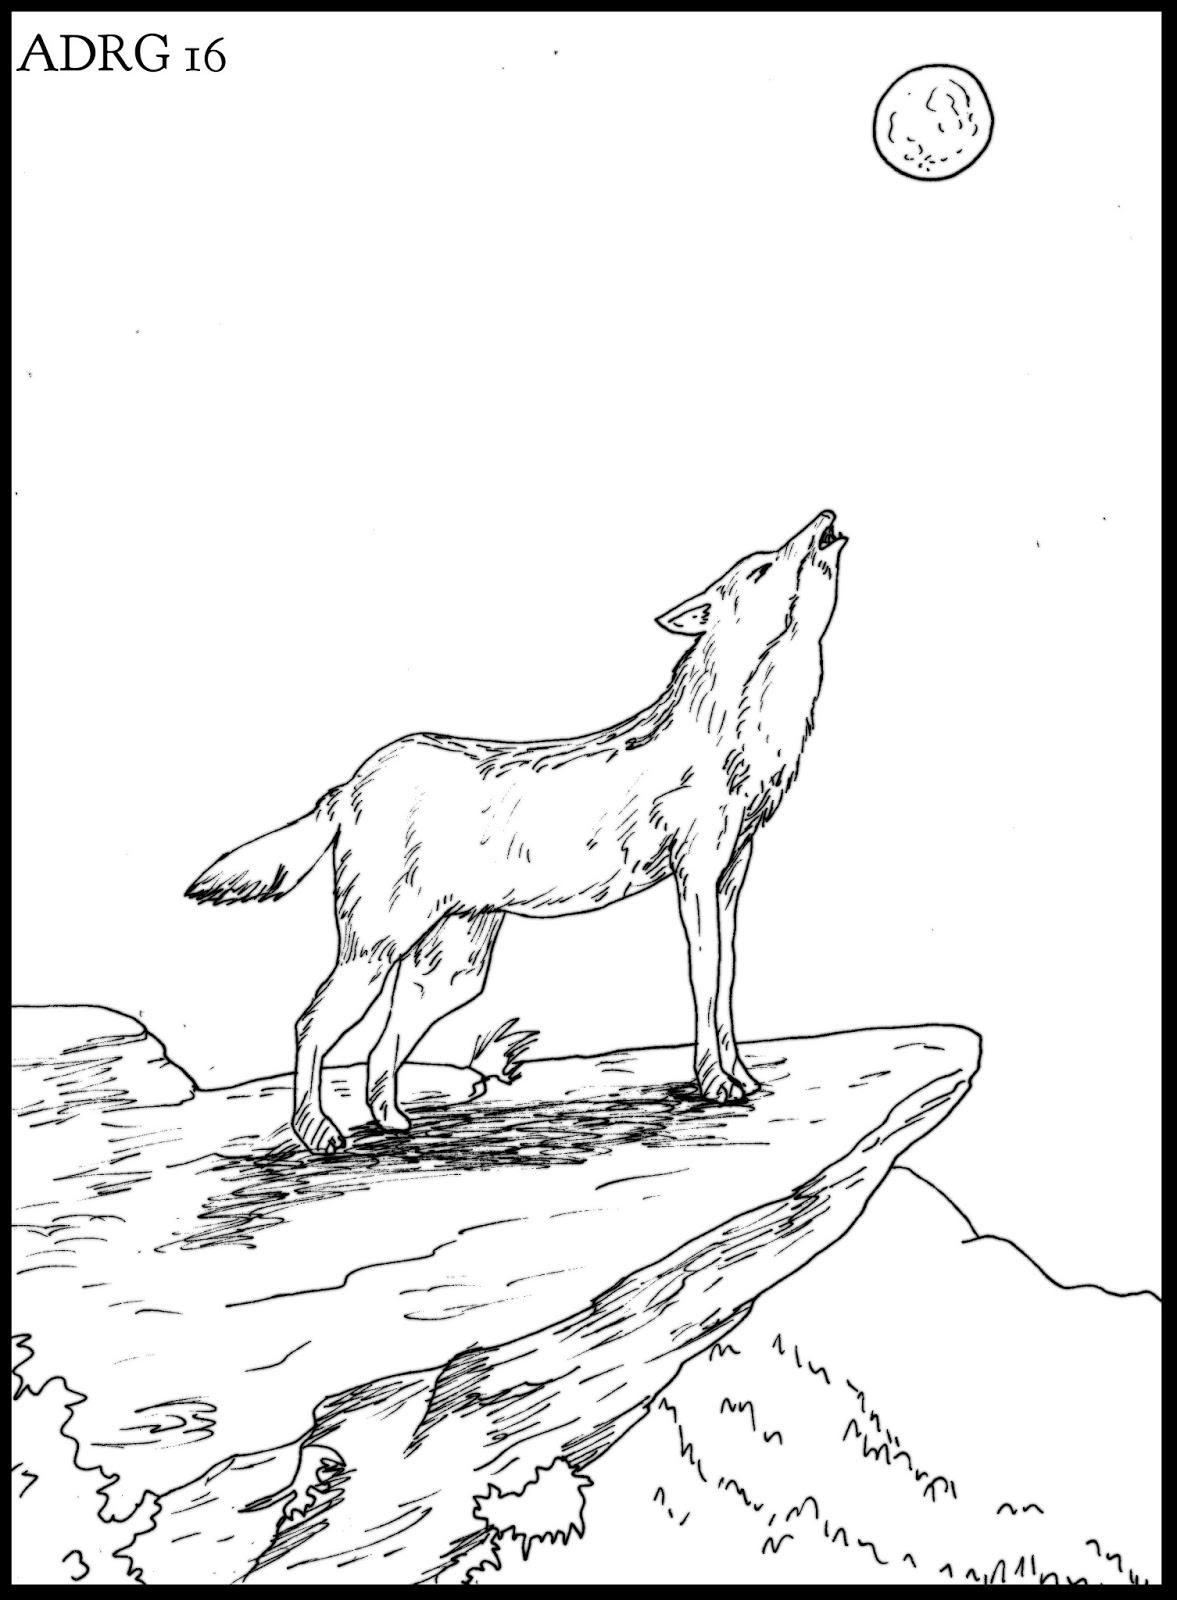 Un Ambientalista Un Dibujo De Un Lobo